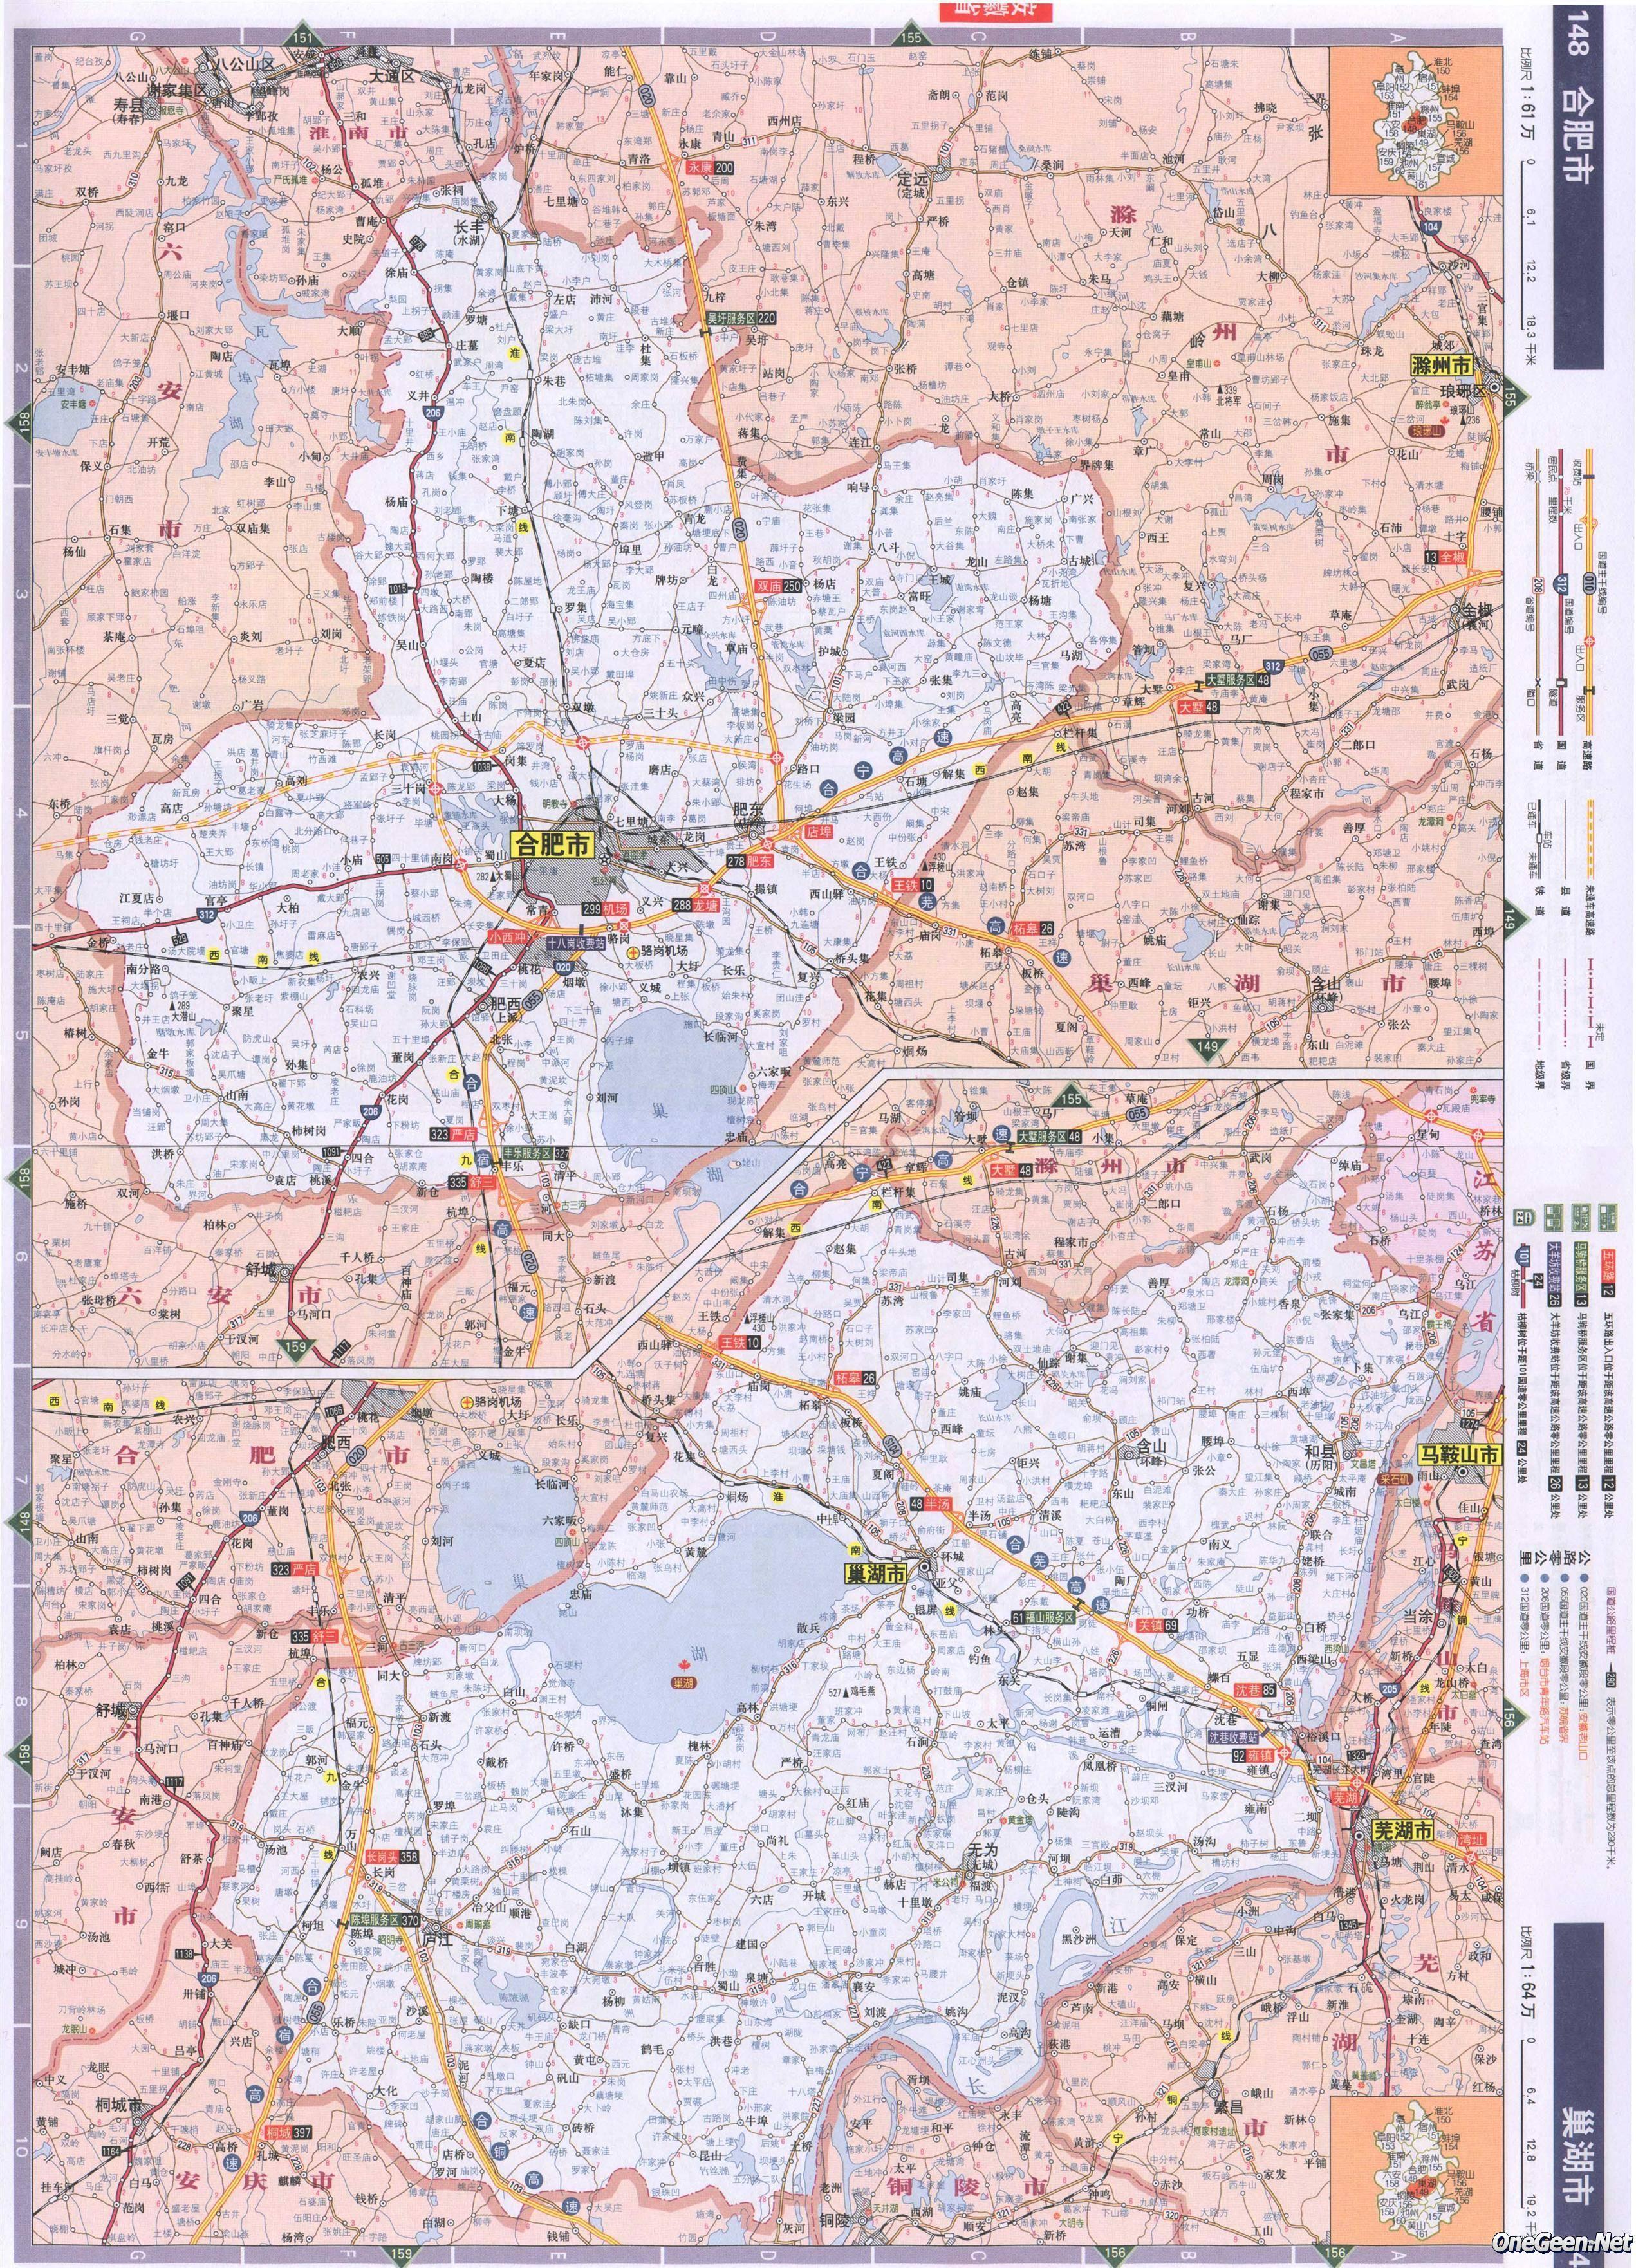 安徽合肥市交通地图全图